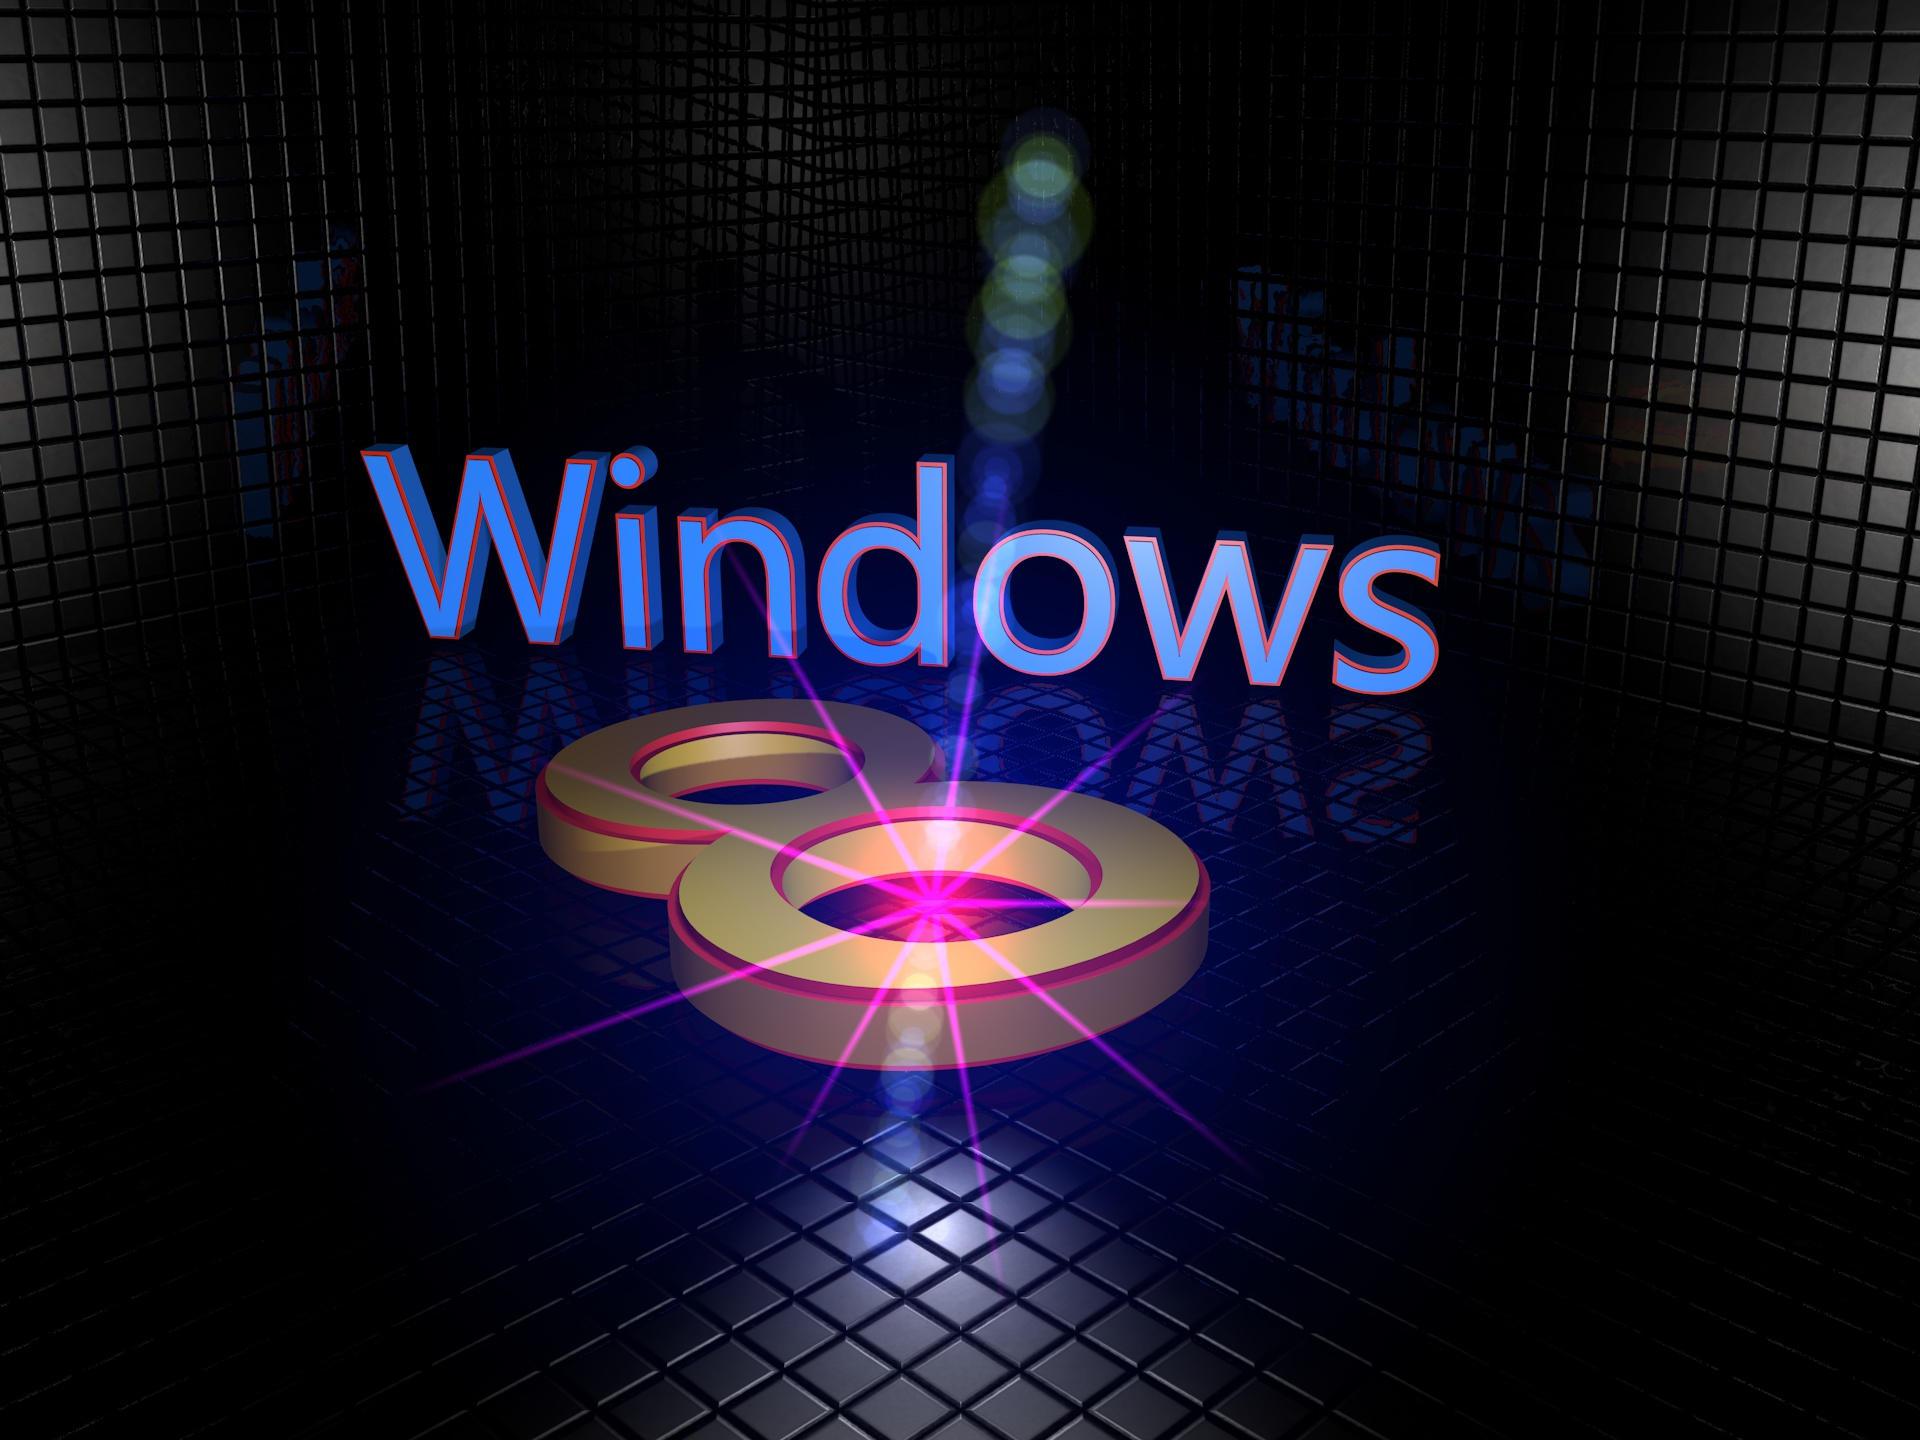 Wallpaper Windows 8 by joancosi